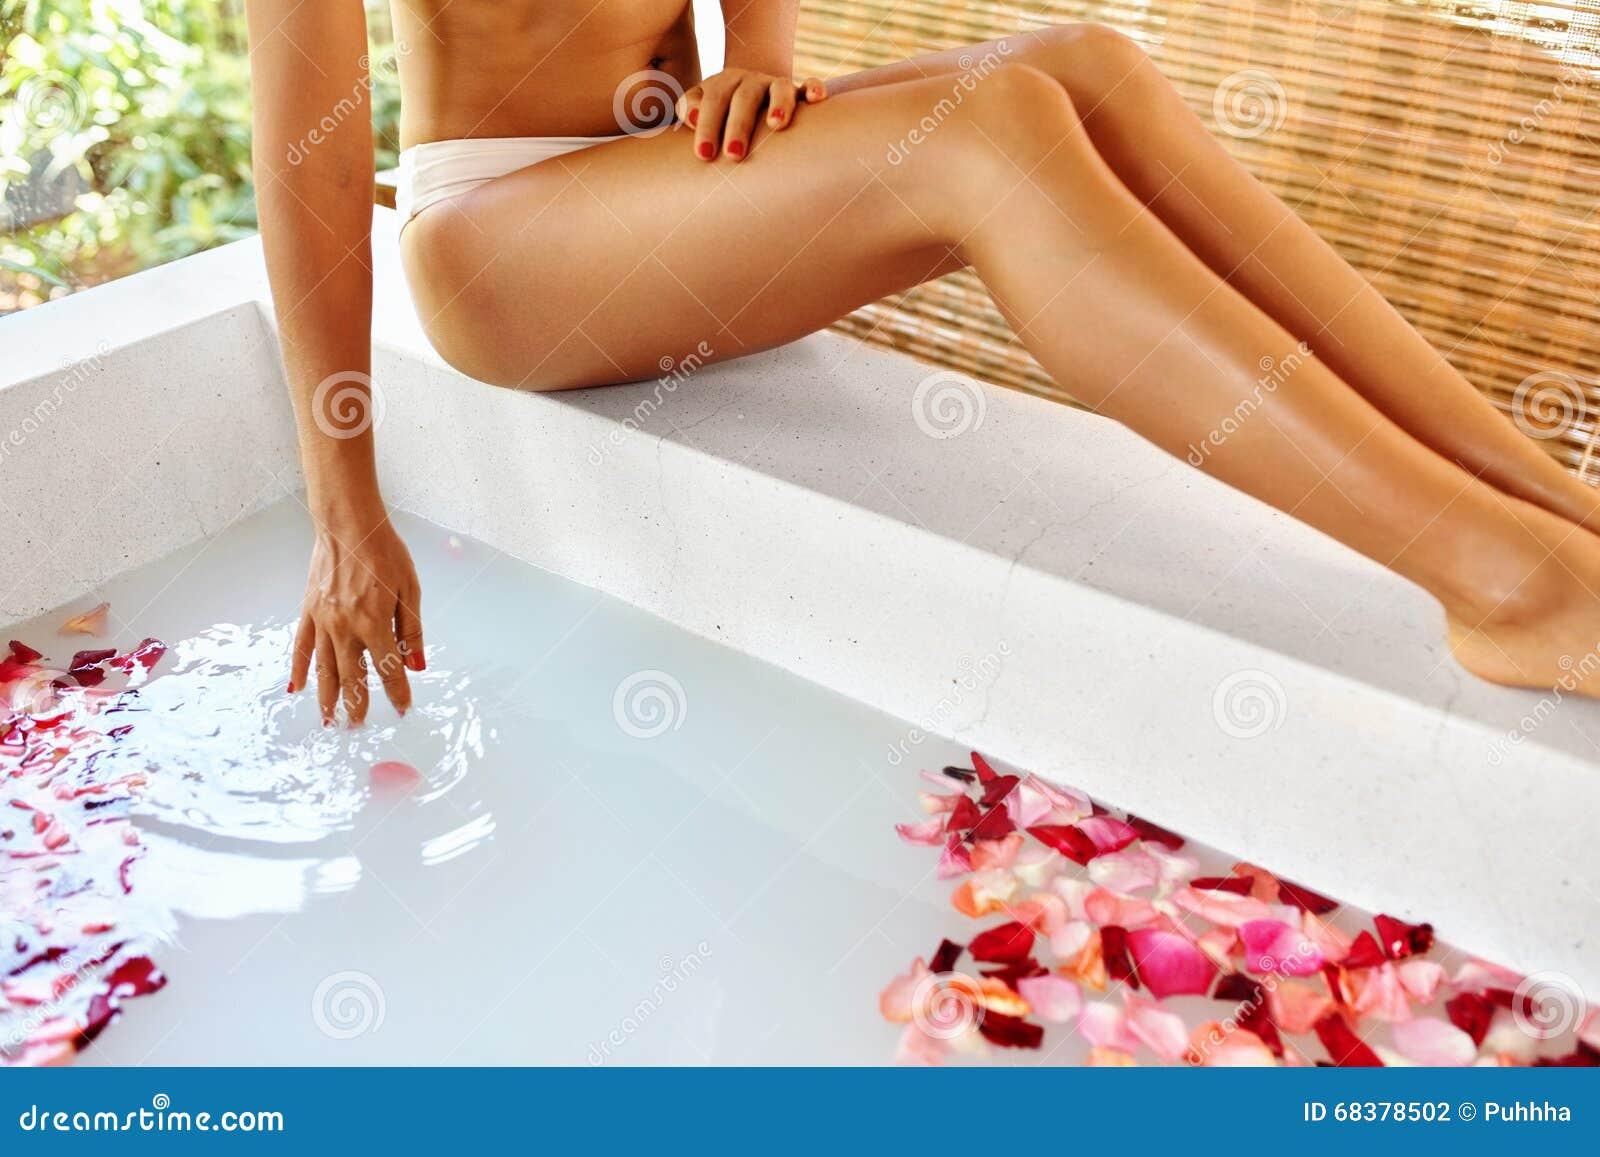 De benen van de vrouw De voet van de vrouw in het water Rose Flower Bath De Behandeling van de kuuroordhuid